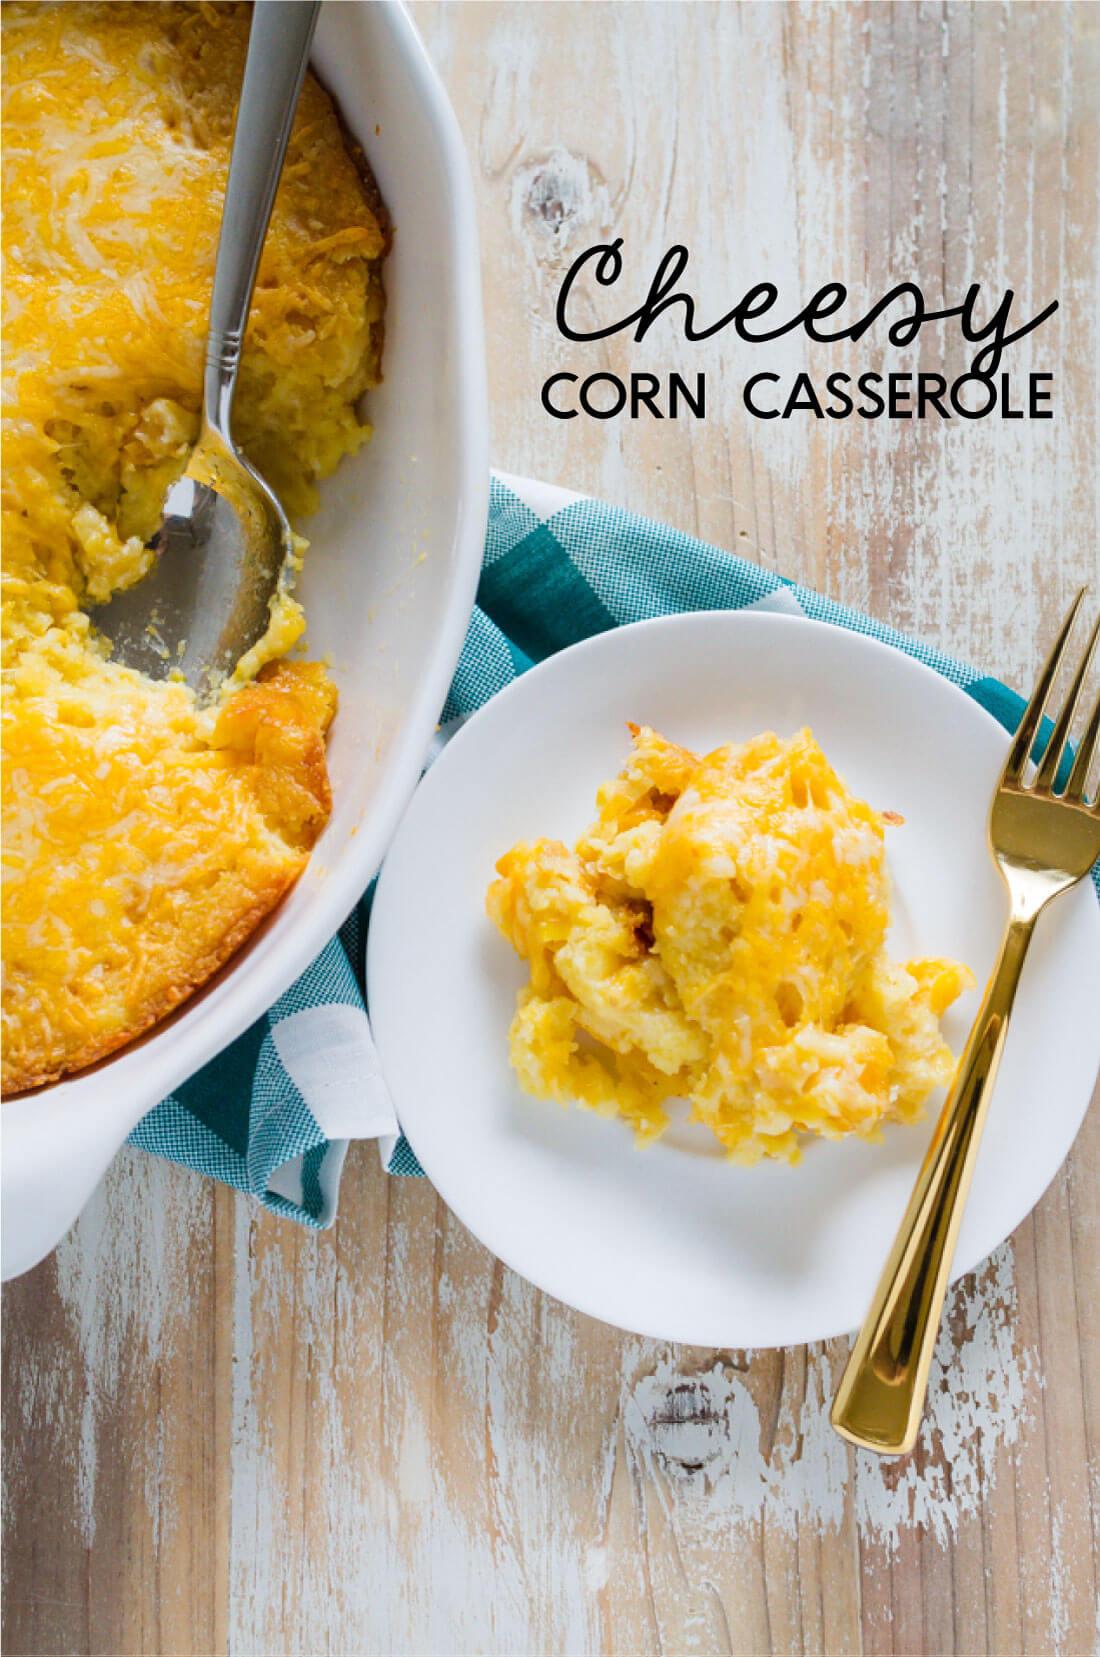 Cheesy Corn Casserole - a side dish recipe that everyone will love.